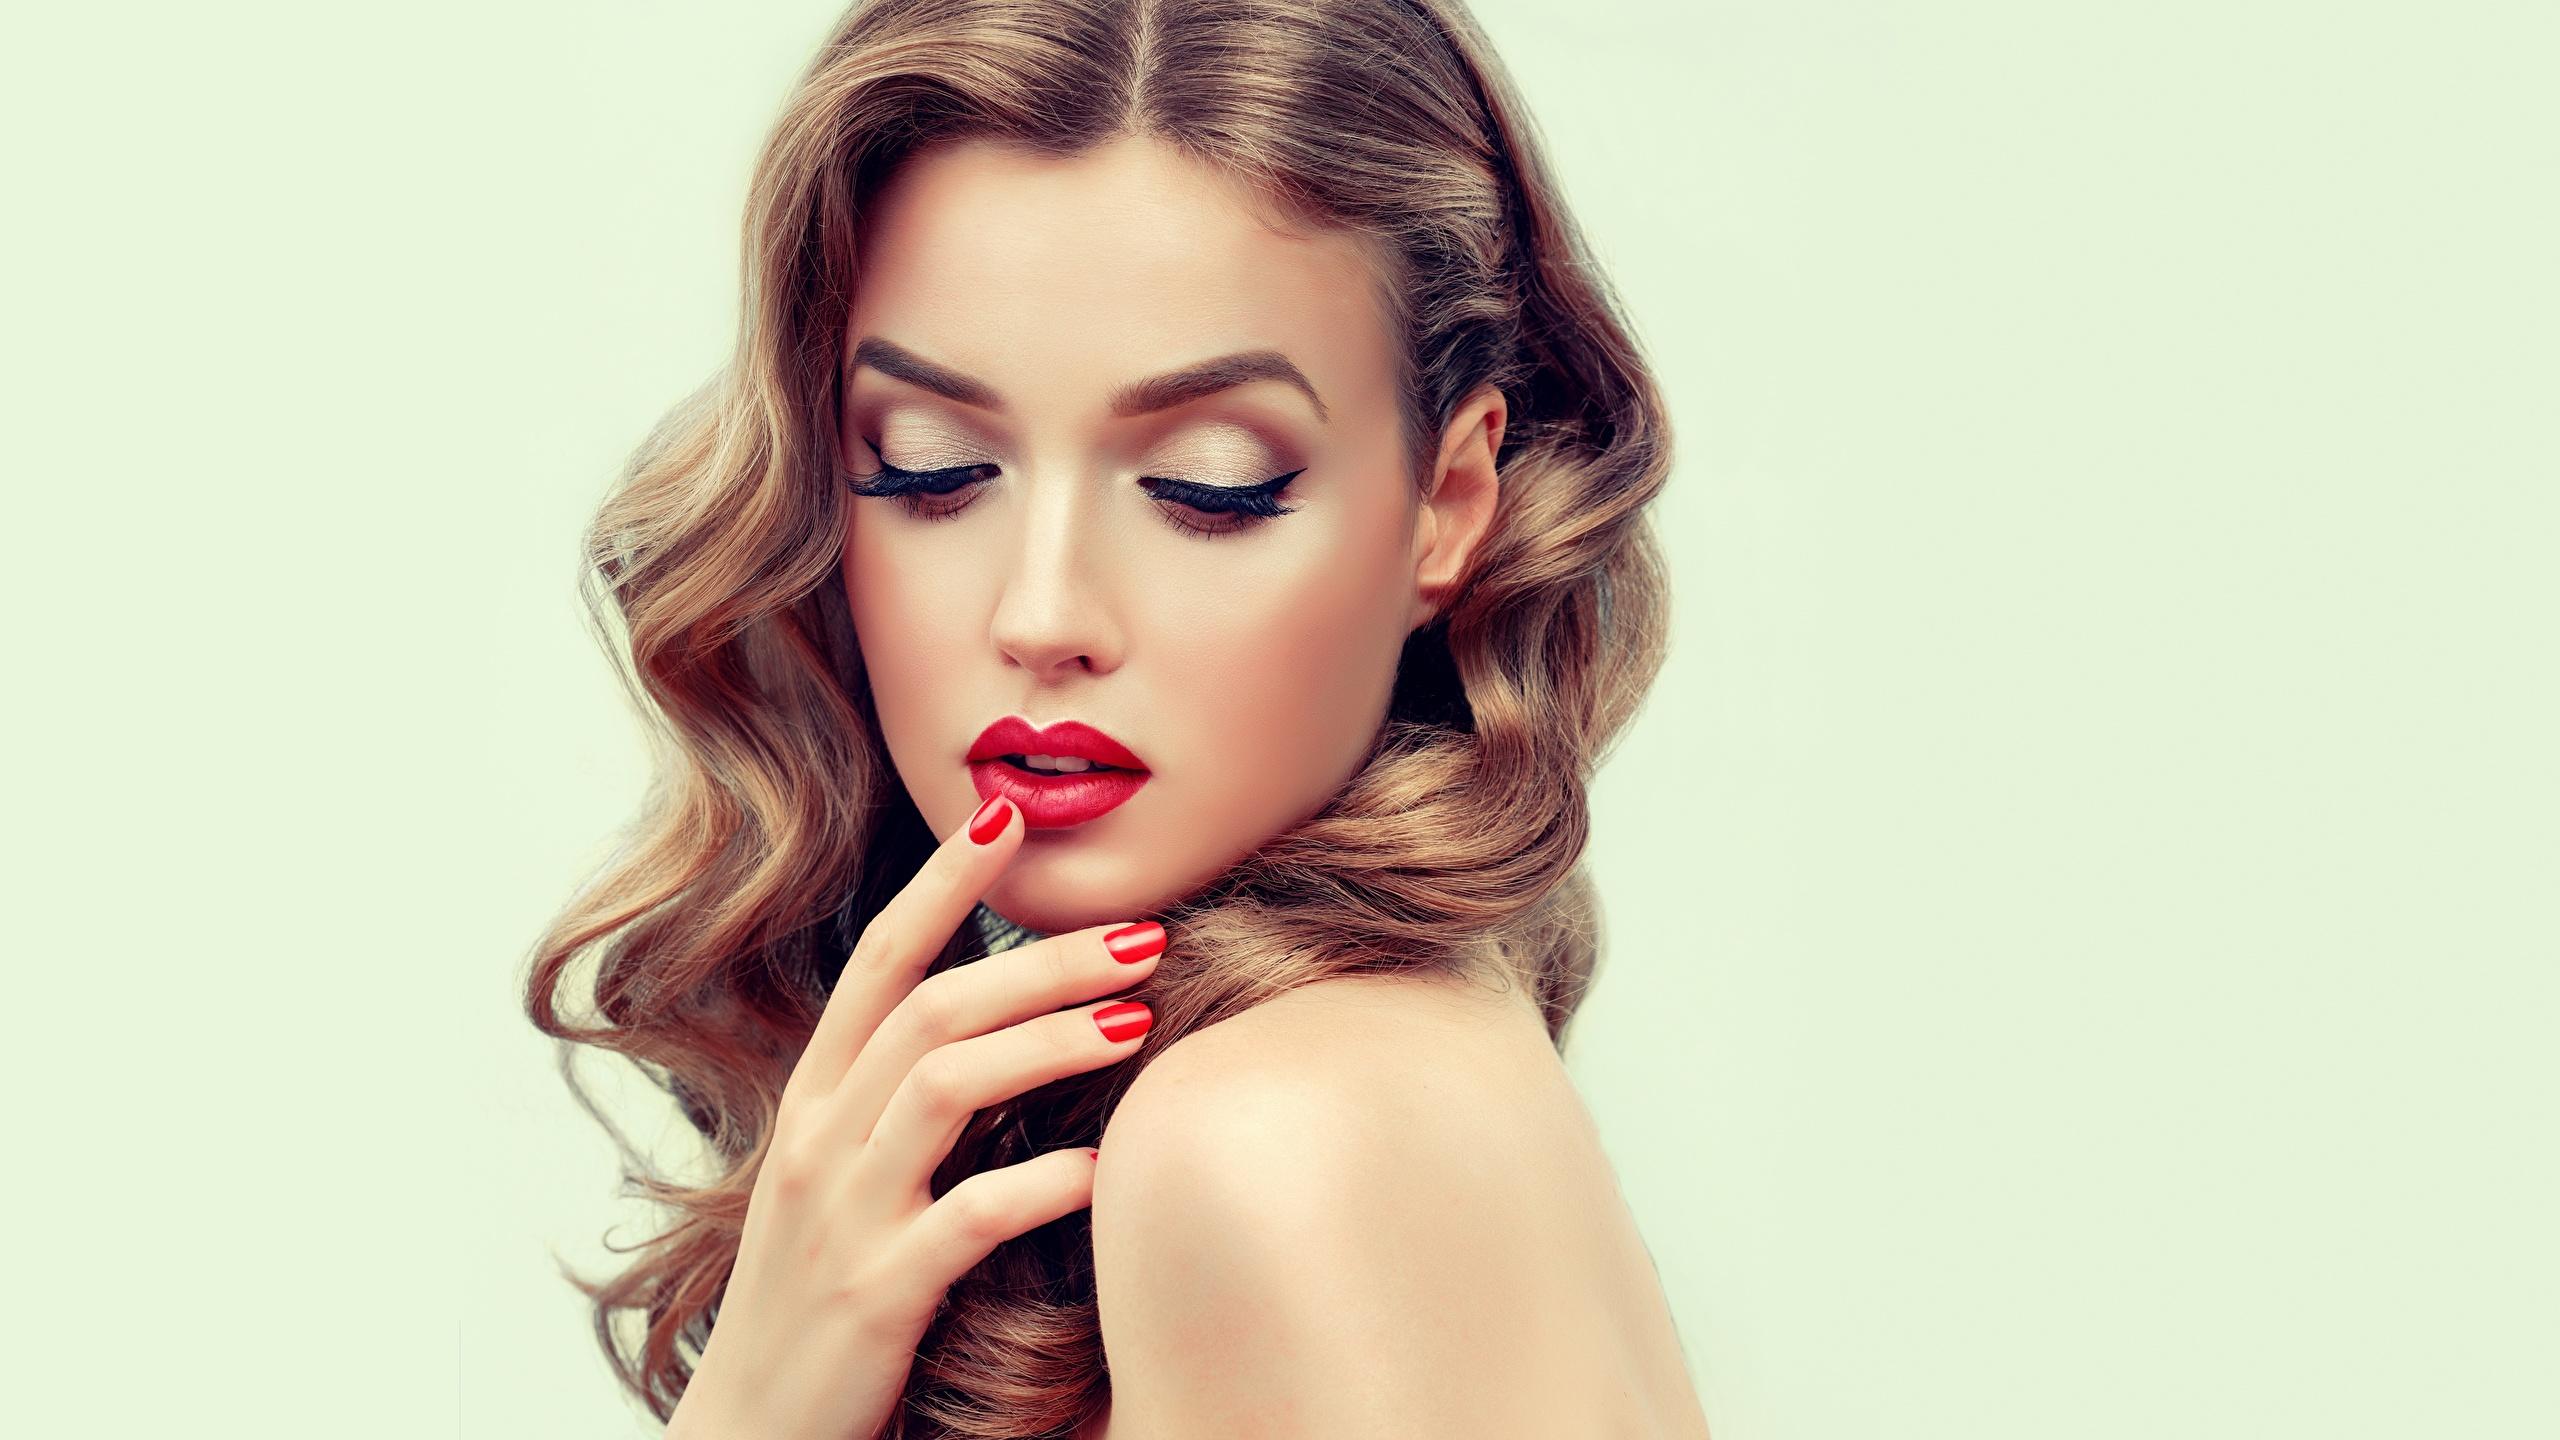 Photos Model Manicure Makeup Beautiful Hairdo Hair Face 2560x1440